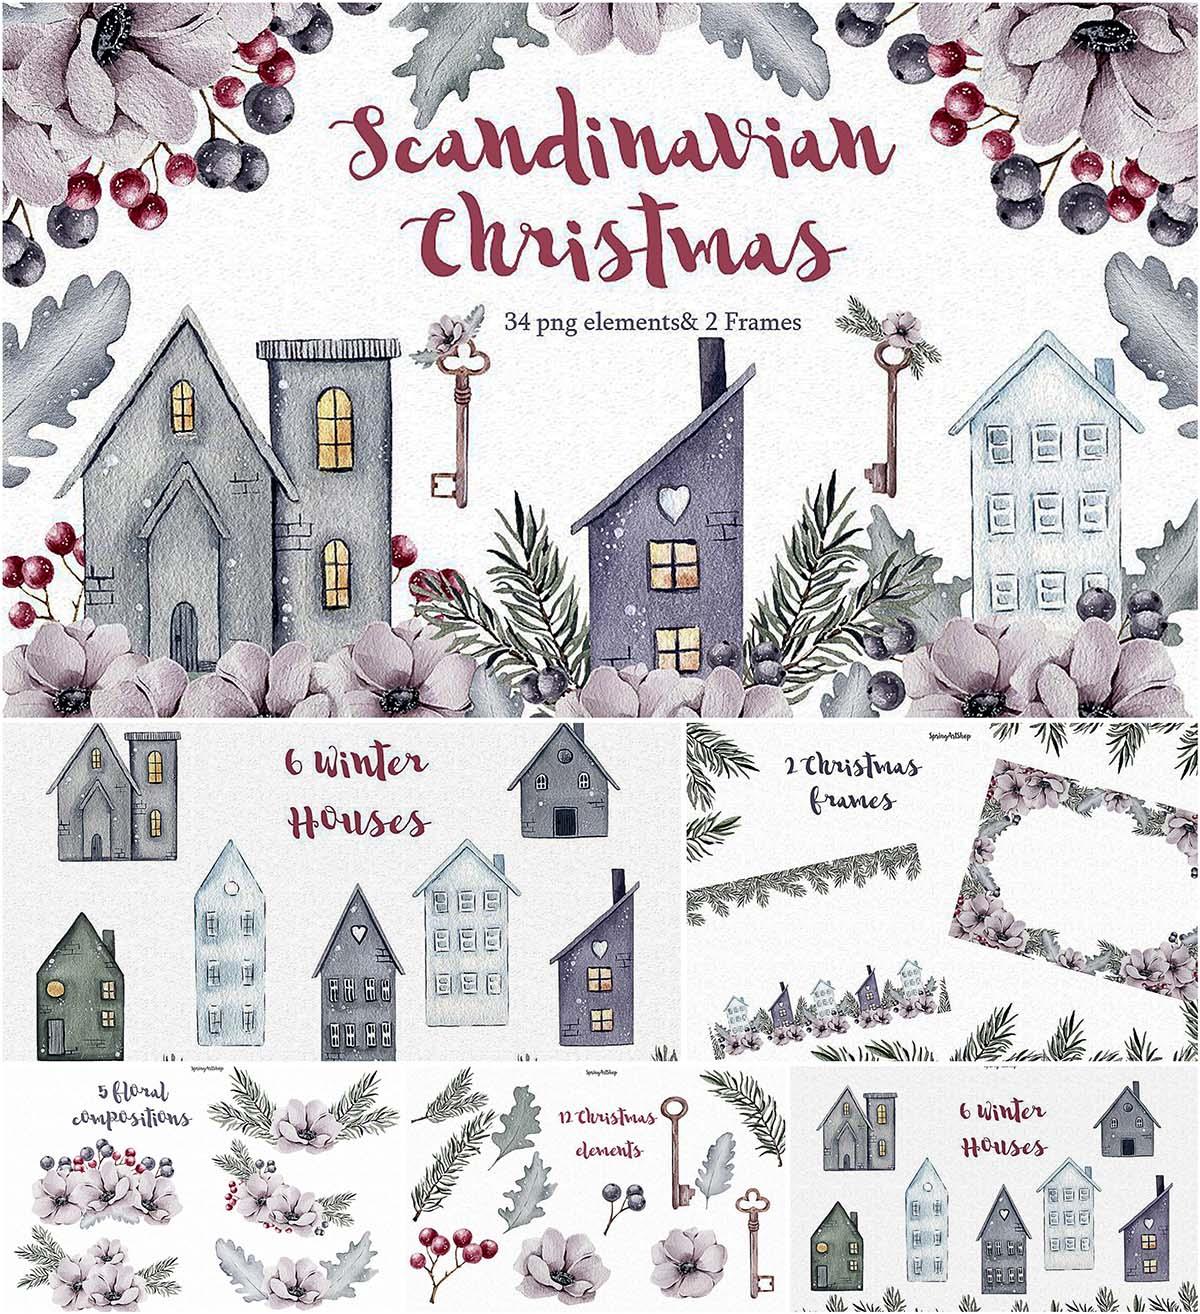 Scandinavian Christmas clipart.